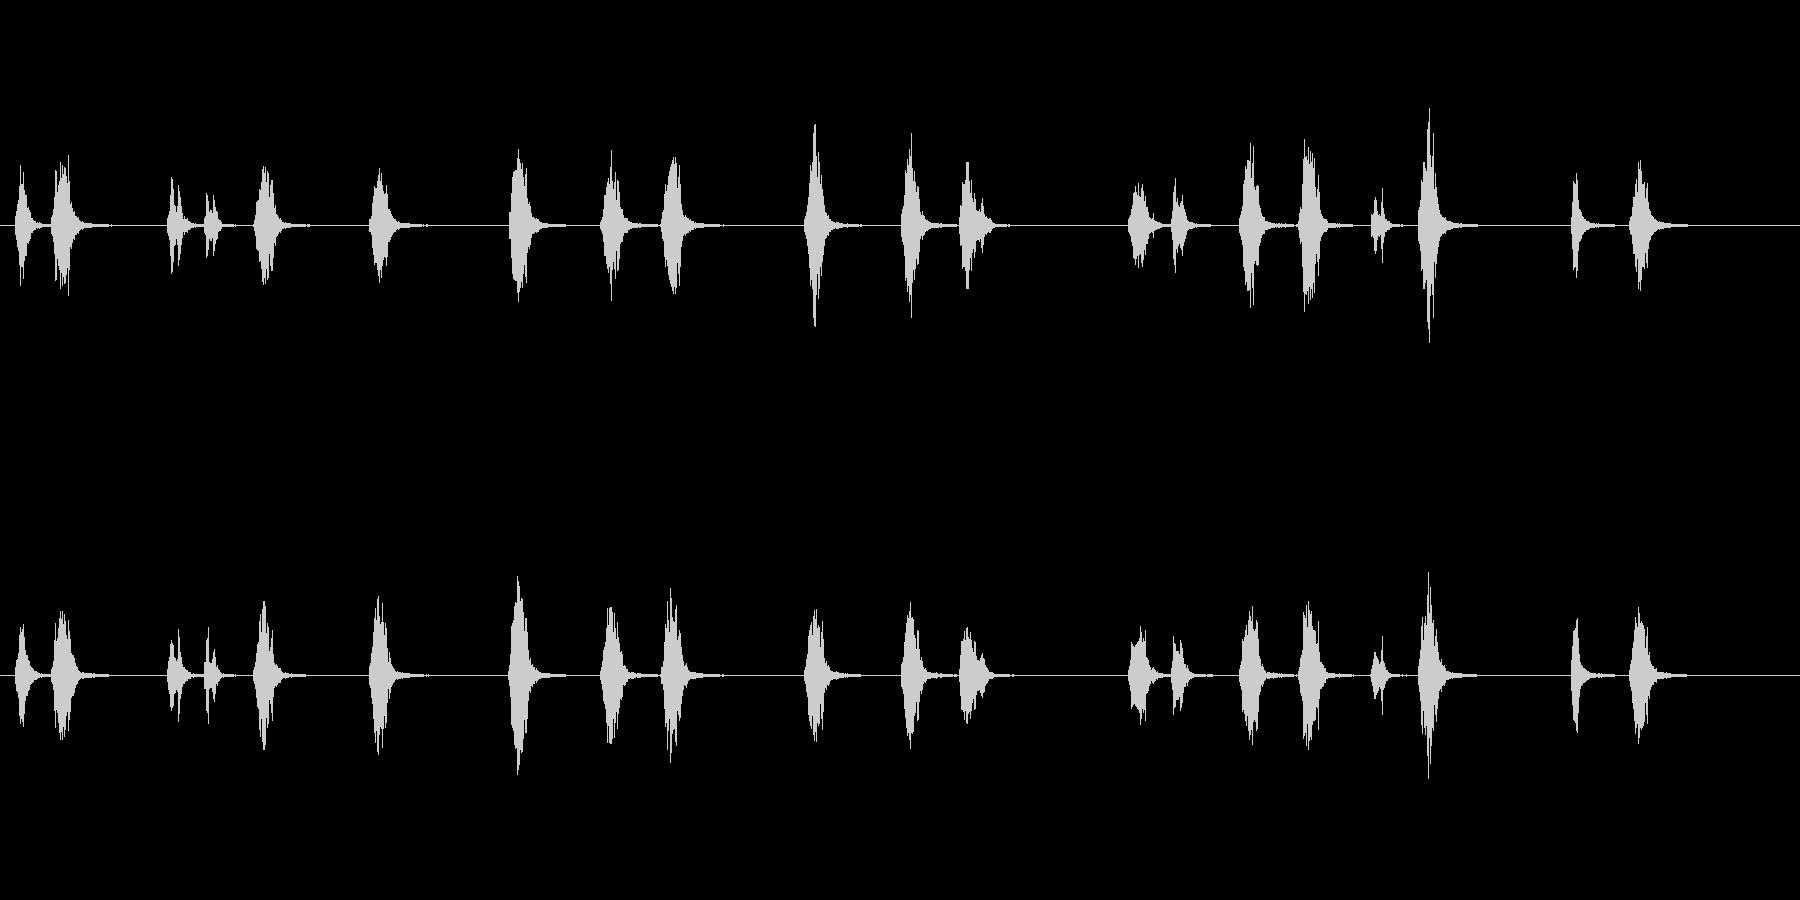 朝、聞こえる小鳥の声「チュンチュン」の未再生の波形